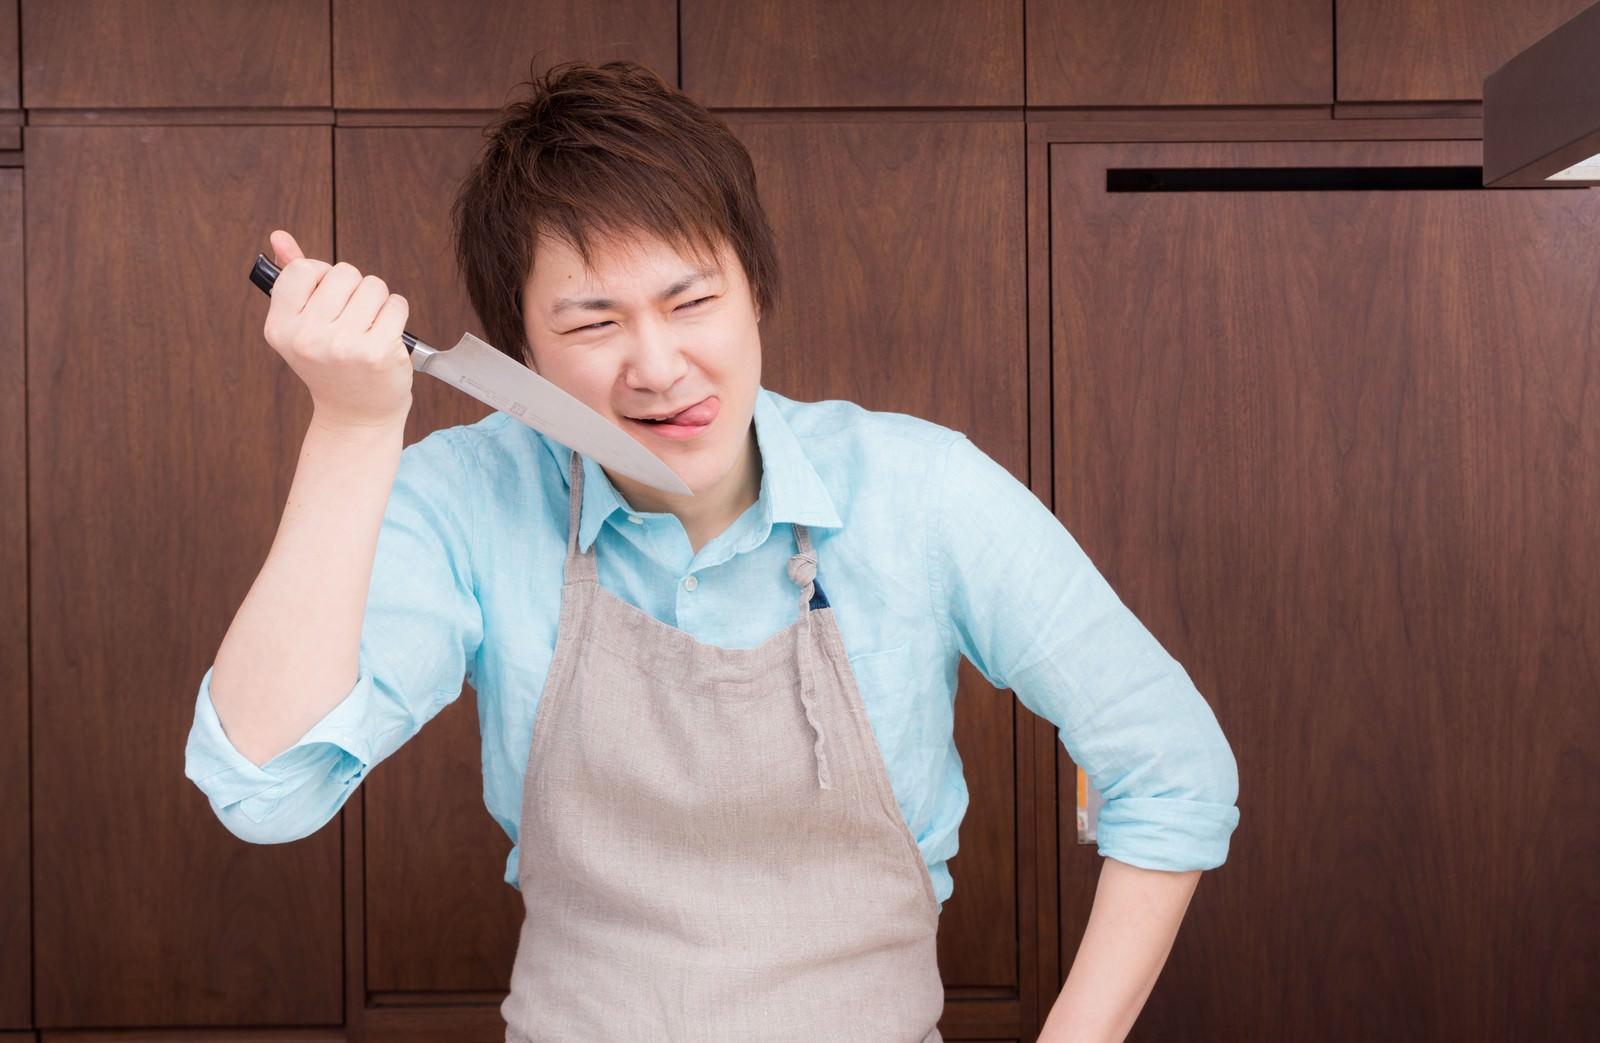 「この産地直送の新鮮なお野菜をどう料理してくれてやろうか(ペロリ」の写真[モデル:五十嵐夫妻]